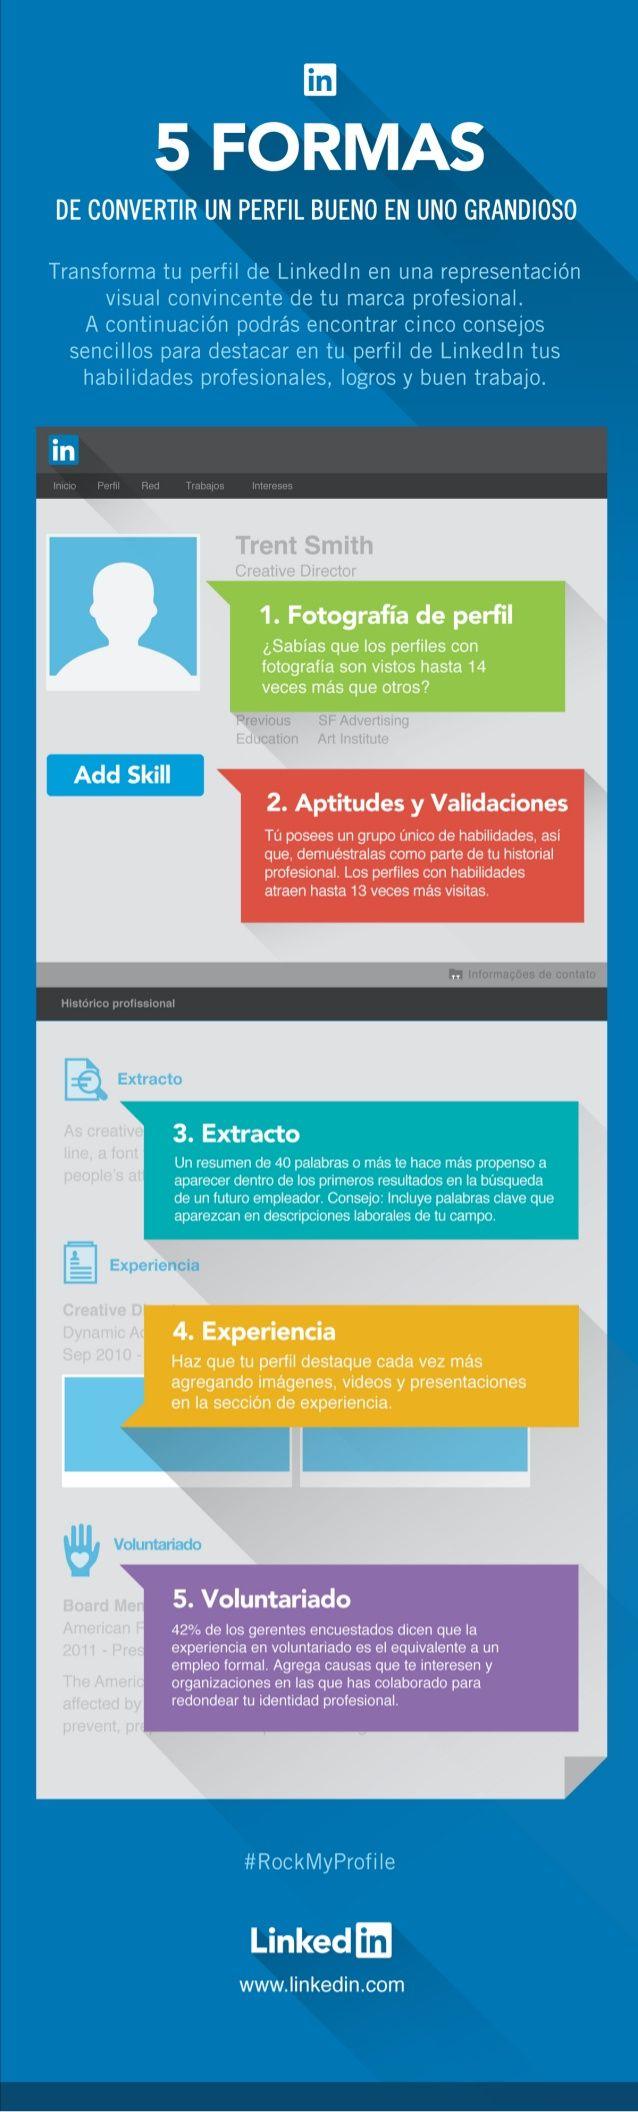 5 formas de convertir un buen perfil de Linkedin en uno grandioso #infografia #socialmedia